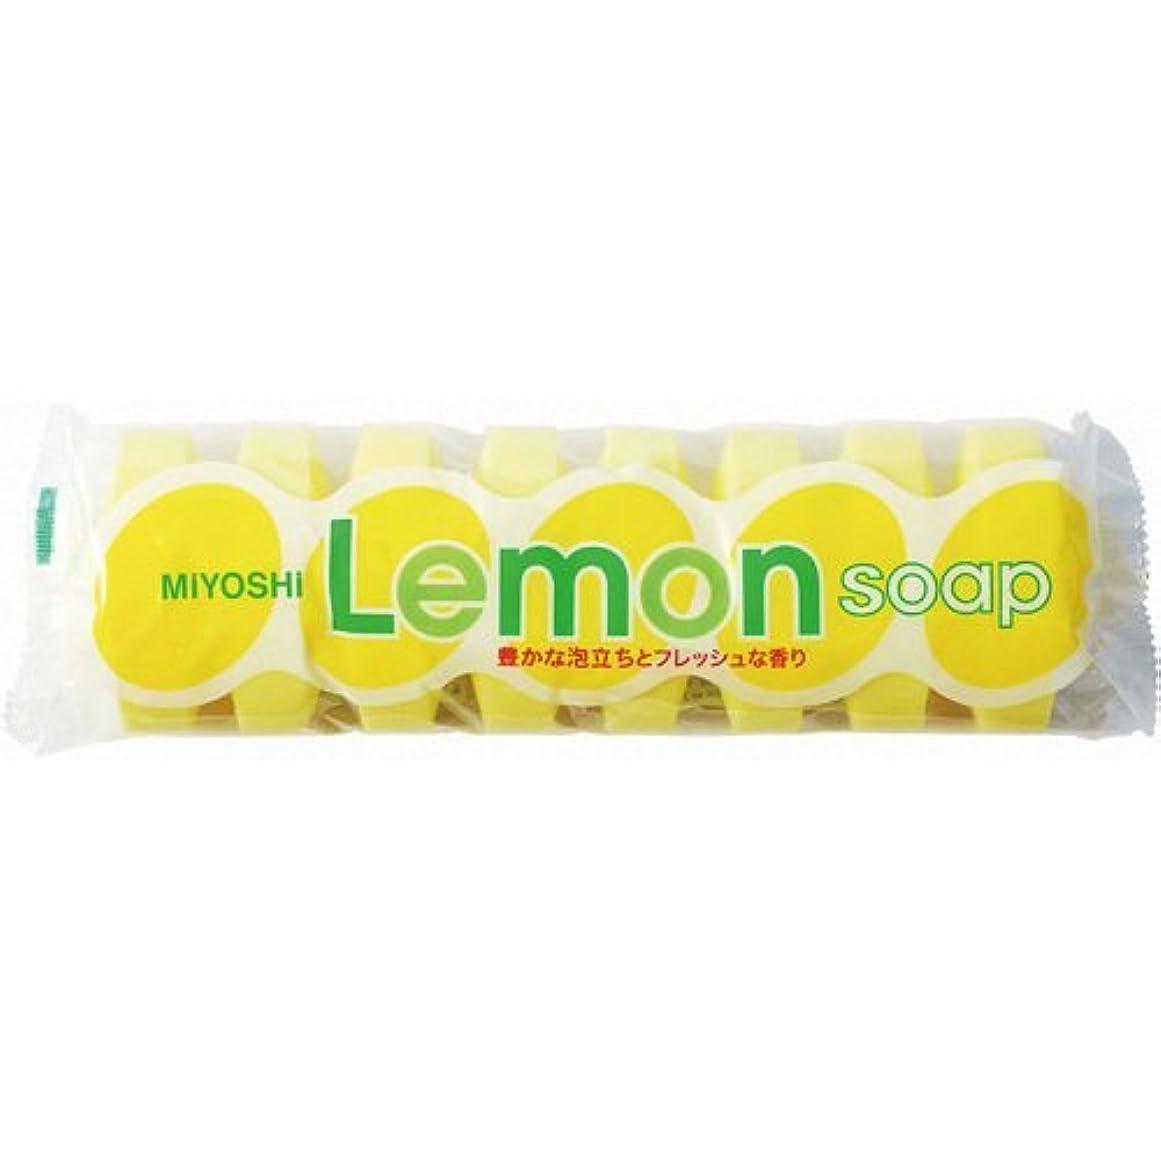 バーマドお客様蒸留するミヨシ レモンソープ 45g×8個入